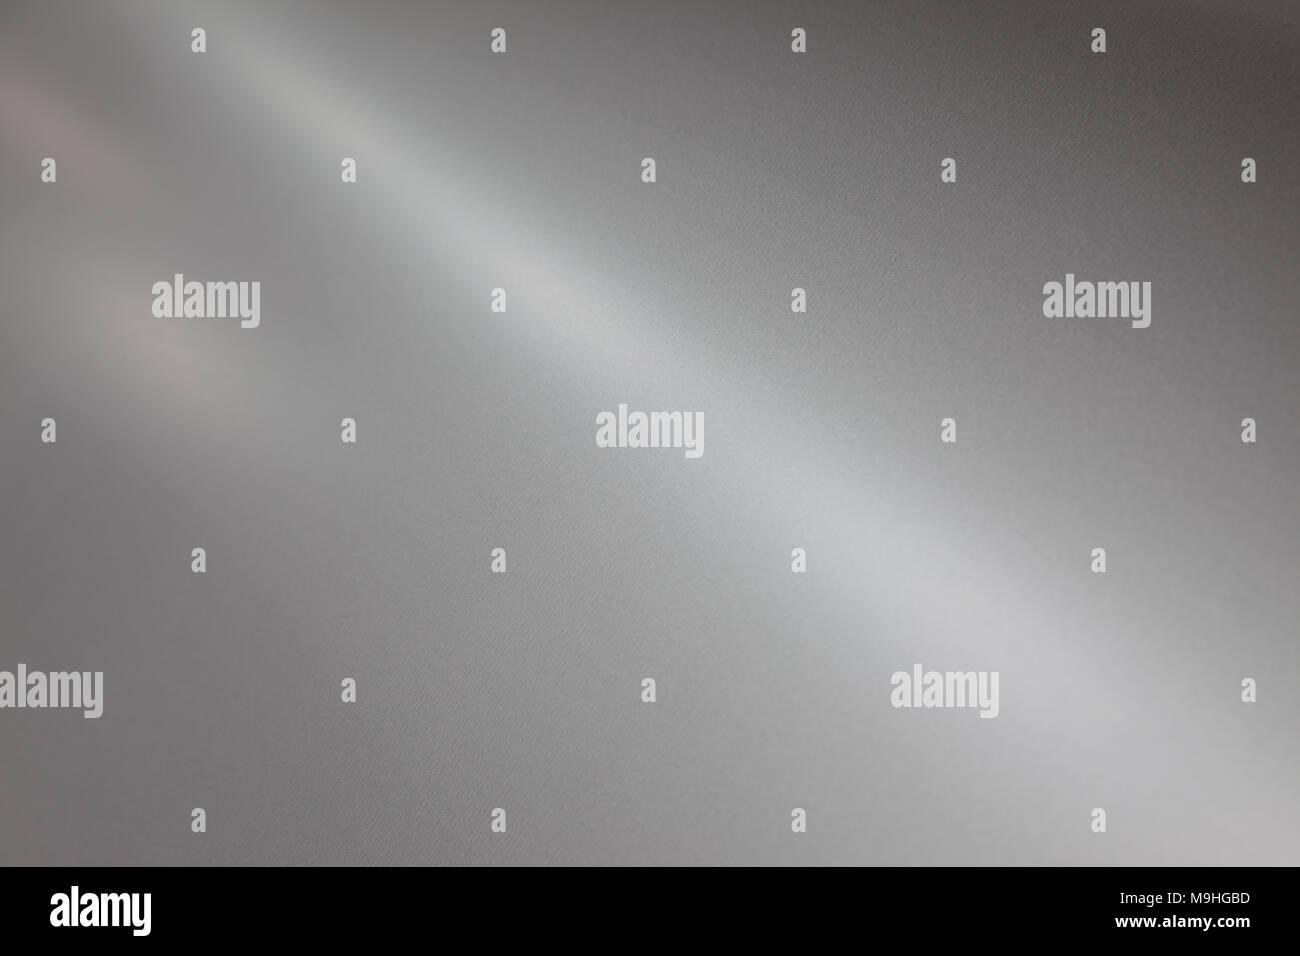 Sheet Metal Background - Stock Image